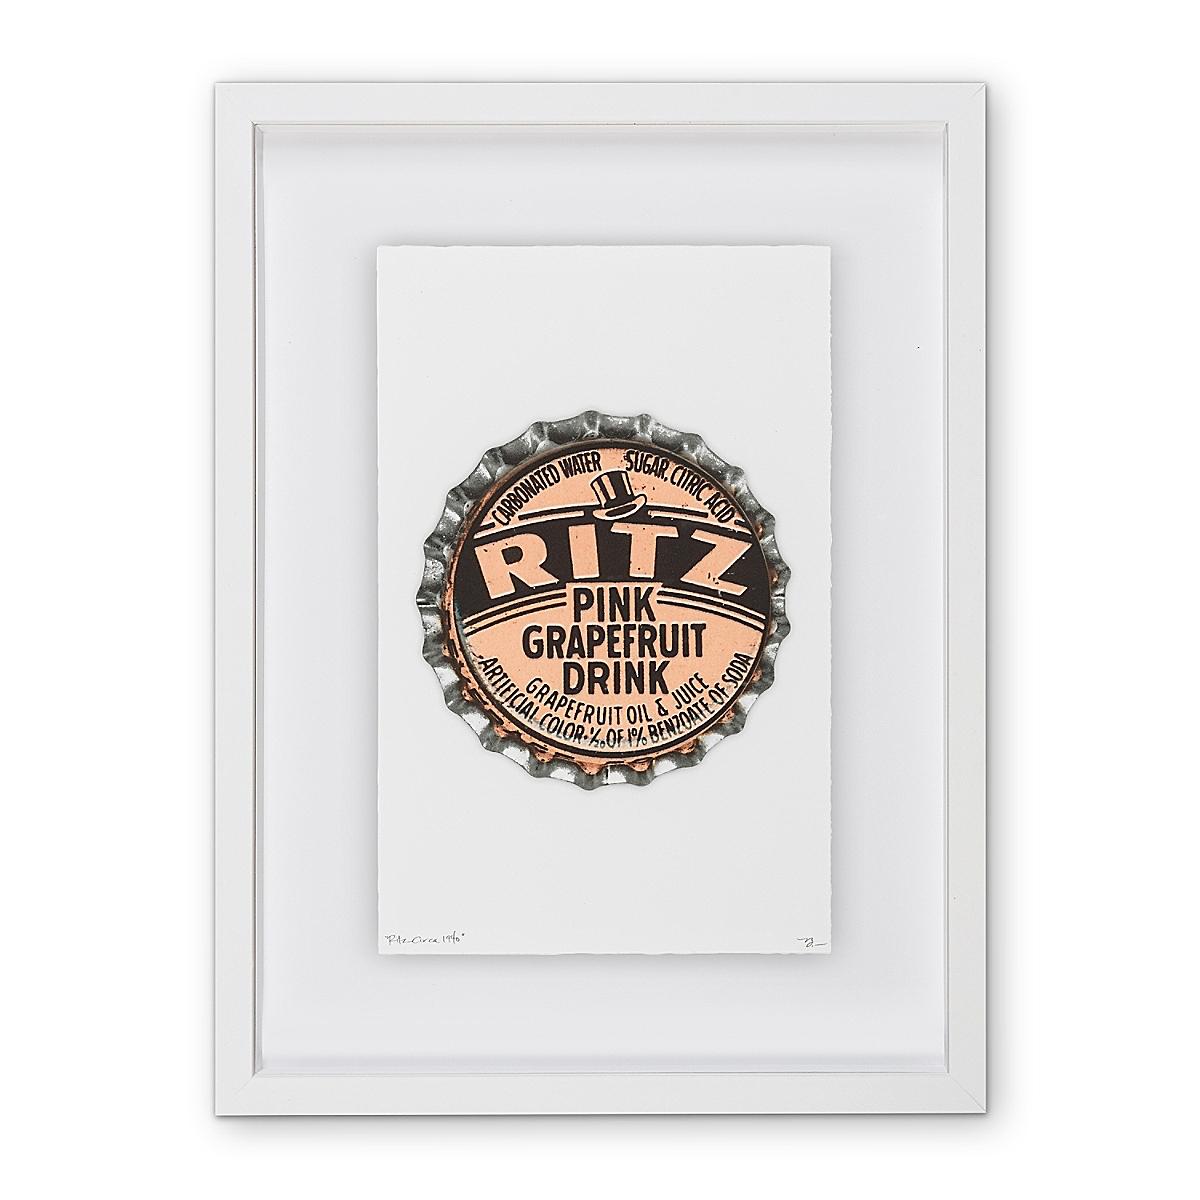 Ritz - circa 1940